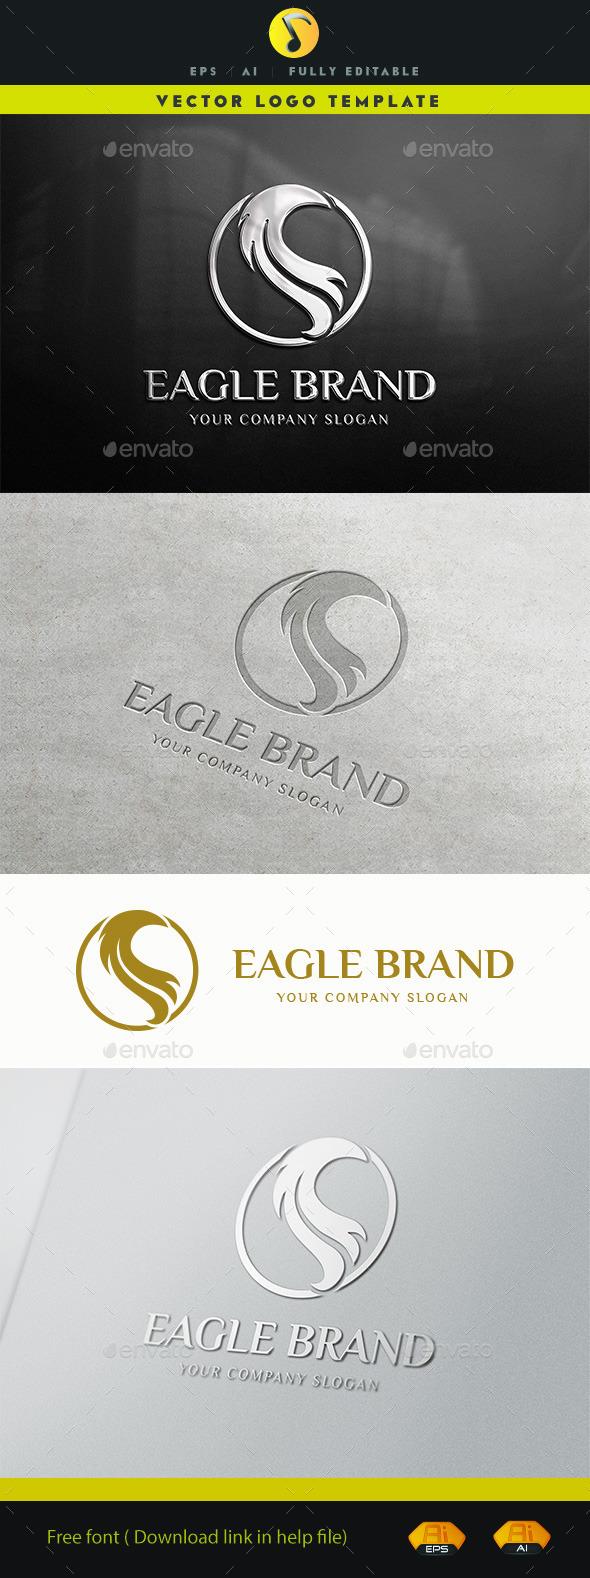 GraphicRiver Eagle Brand 11314178